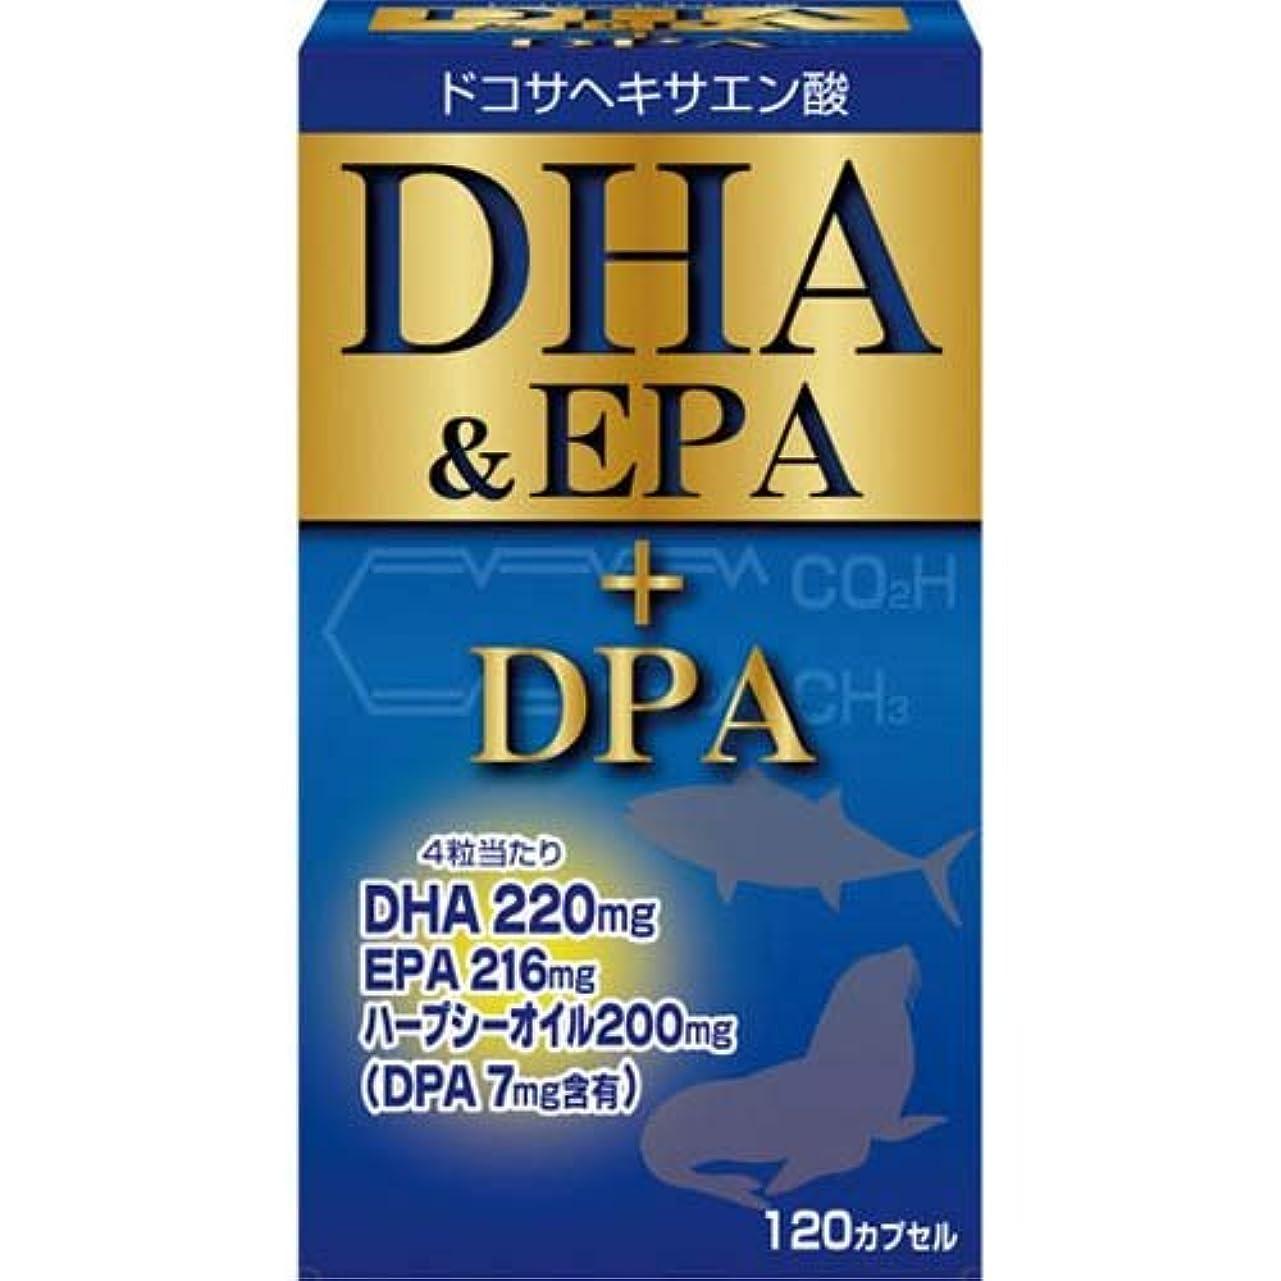 セクタこどもの日グラディスユーワ DHA&EPA+DPA 120カプセル